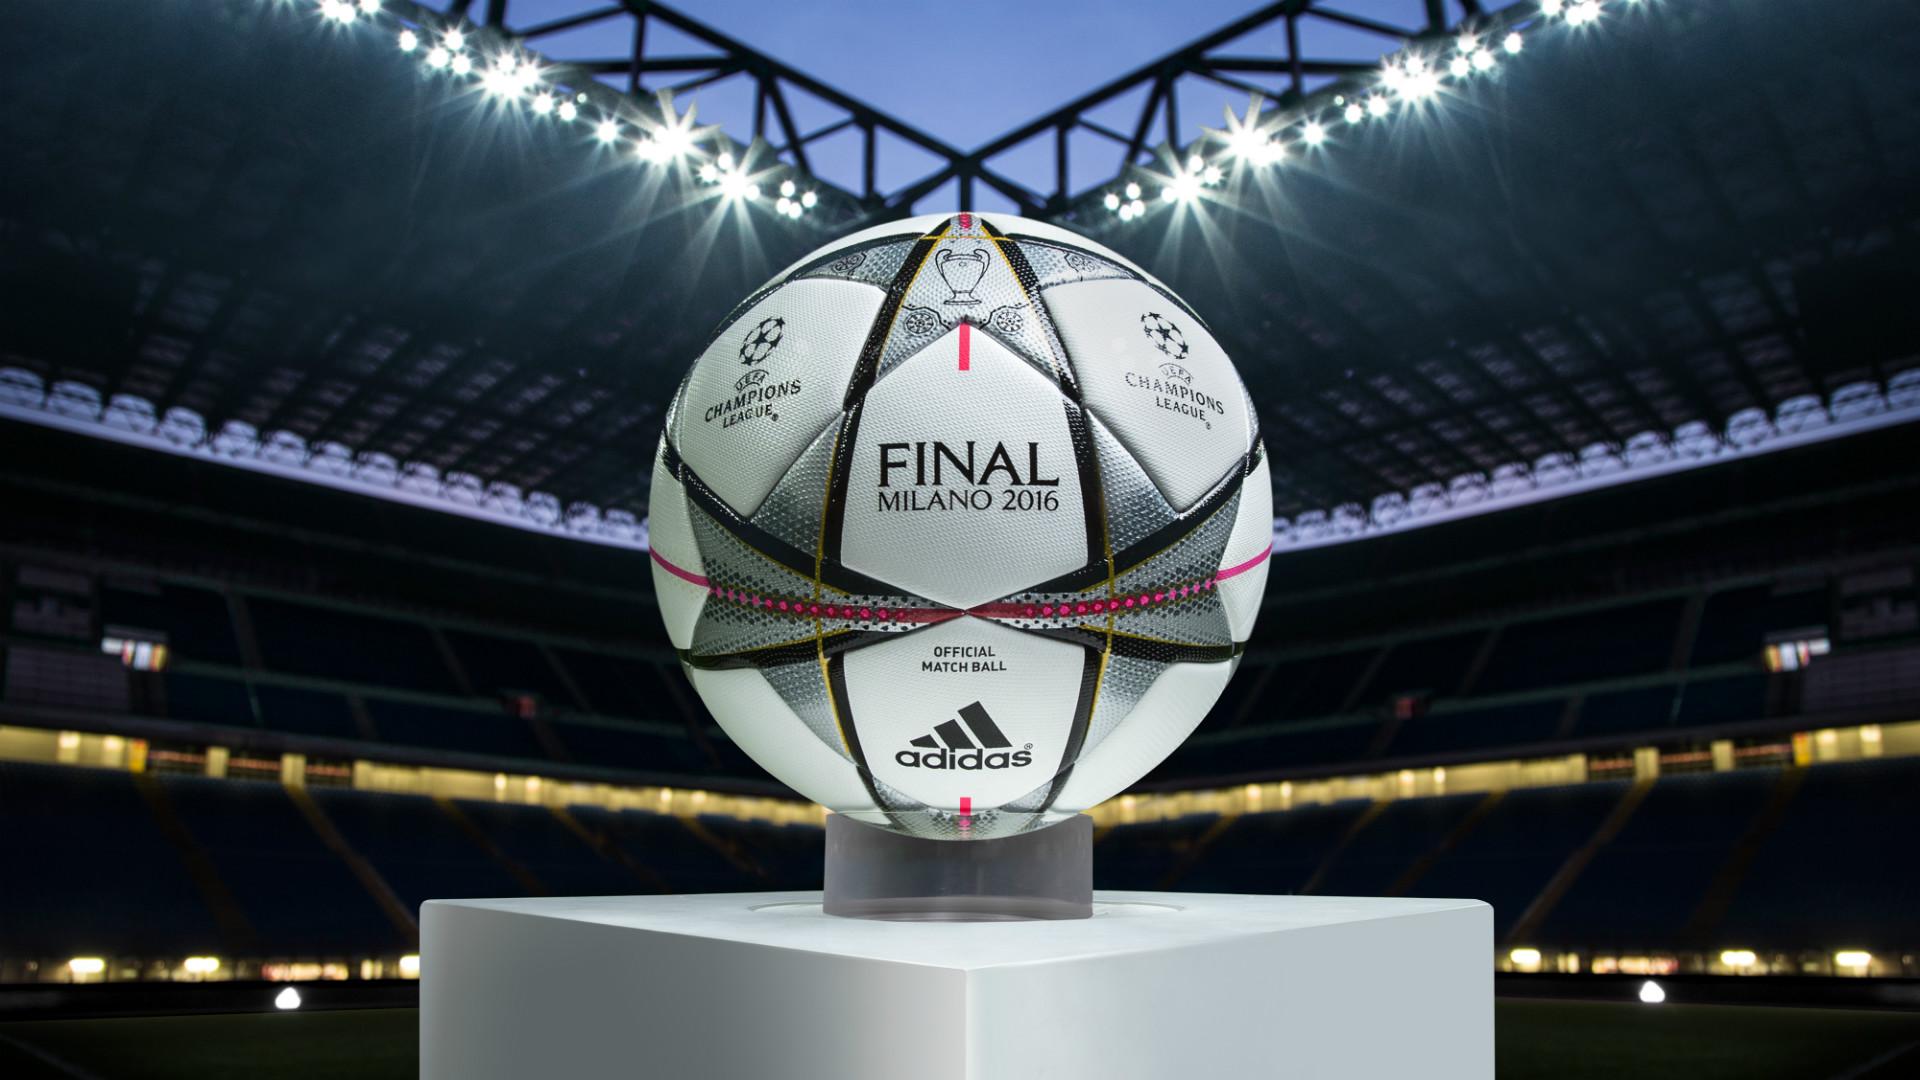 Champions League, la UEFA attacca: